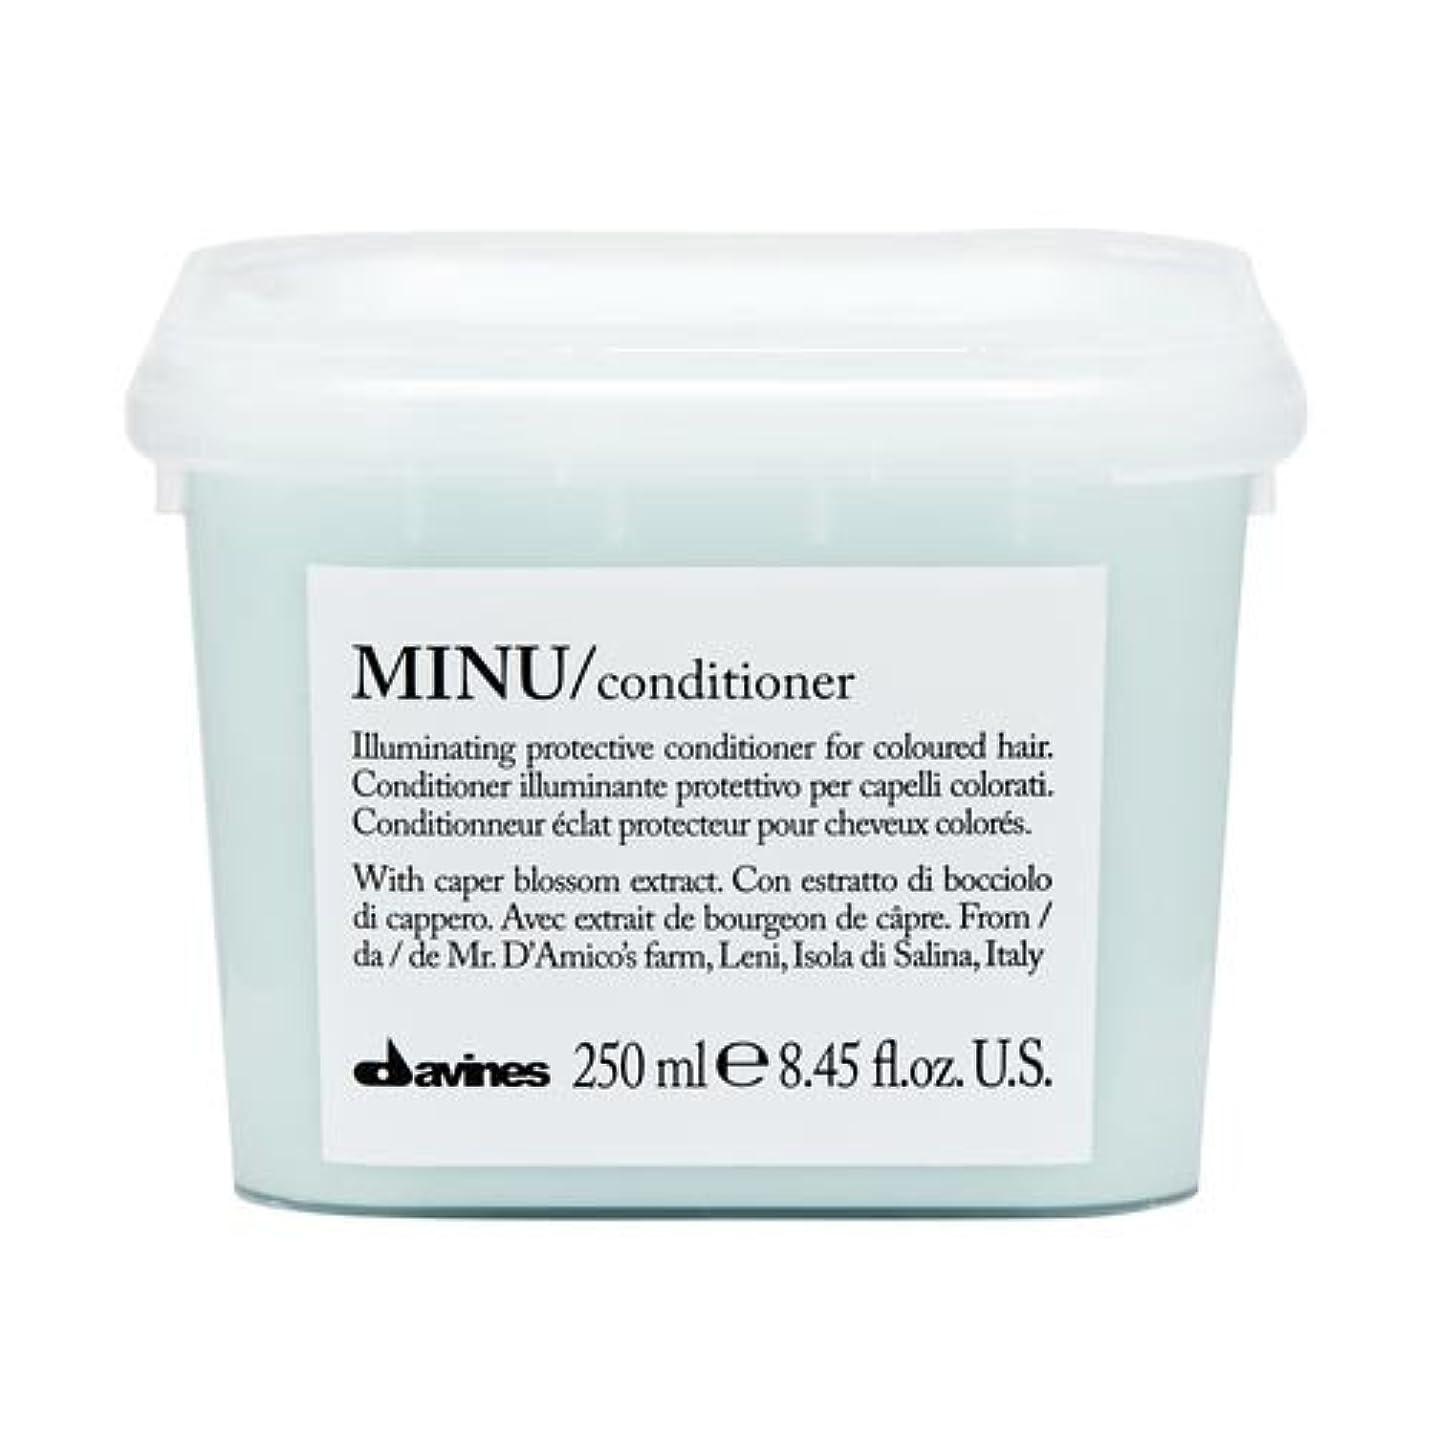 標準寝室を掃除する電子レンジダヴィネス ミヌ コンディショナー 250ml [並行輸入品]